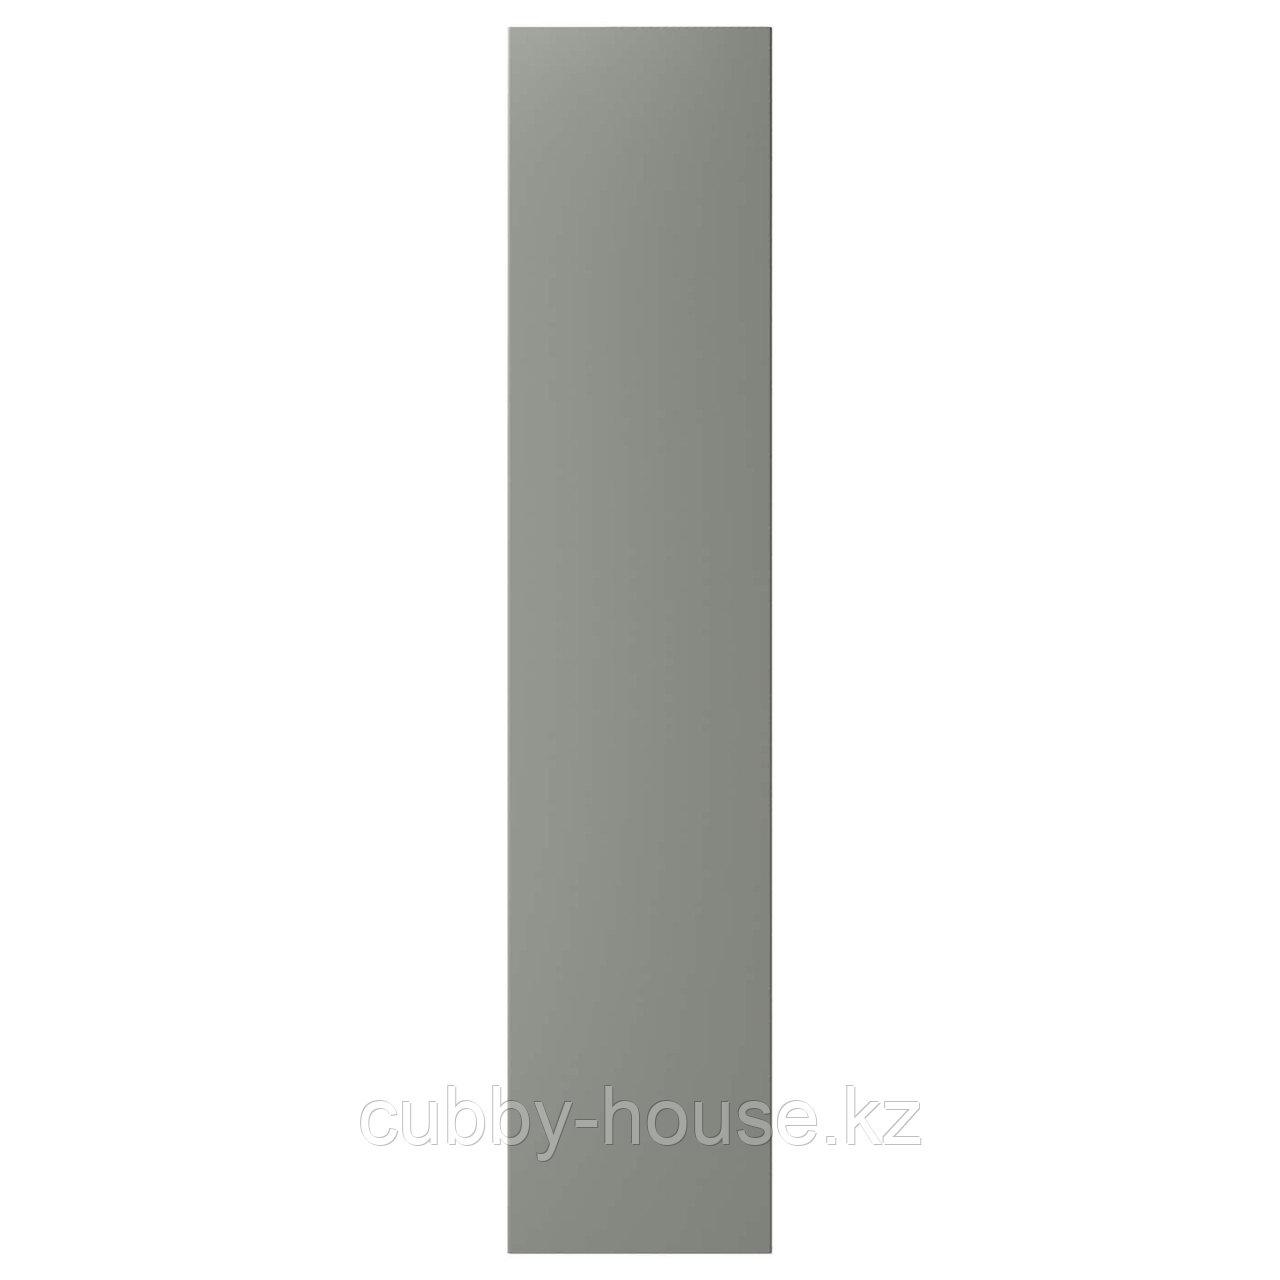 РЕИНСВОЛЛ Дверь, серо-зеленый, 50x229 см